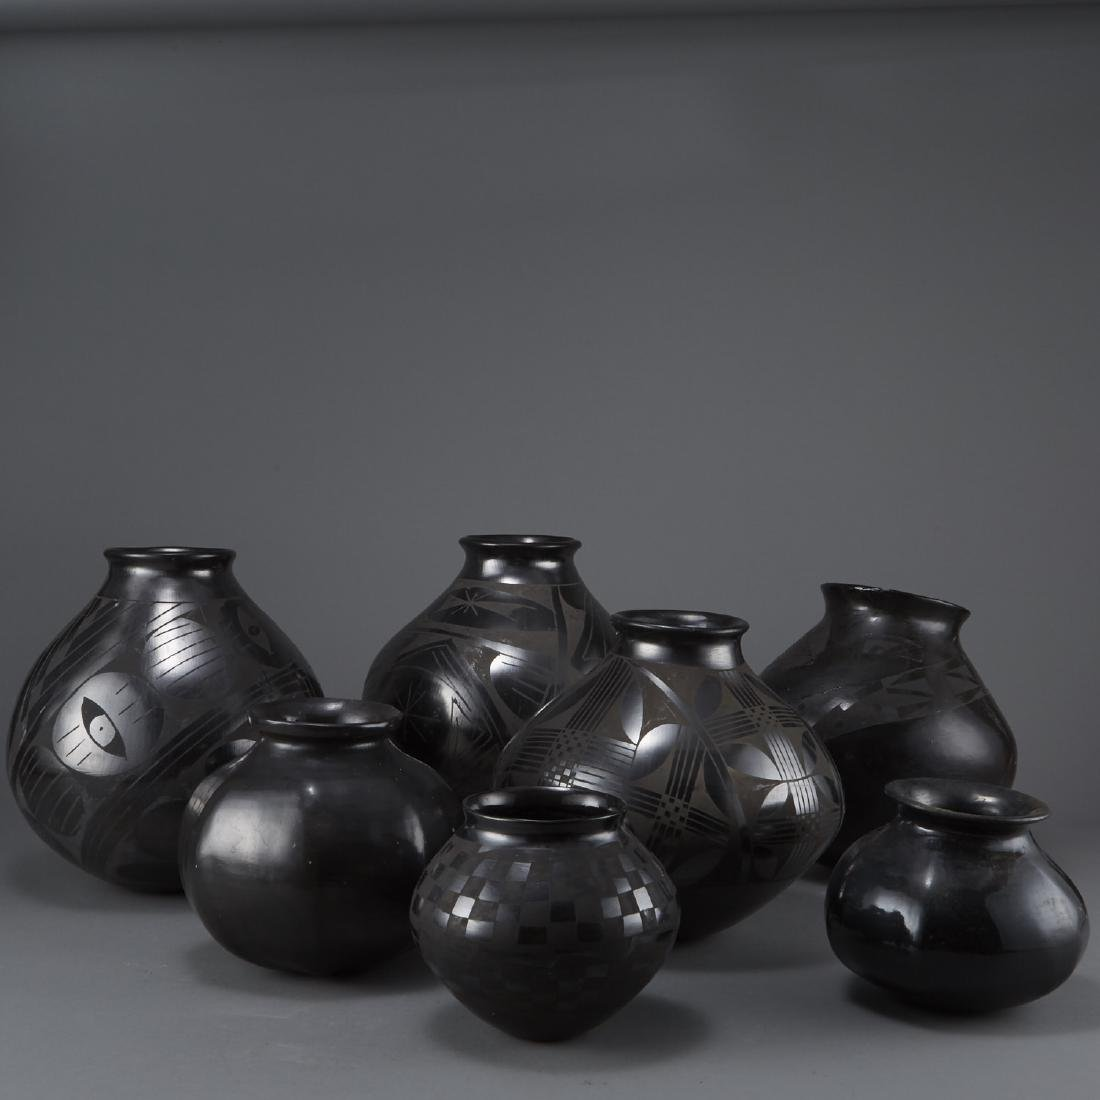 Group of 7 Pueblo Blackware Pots